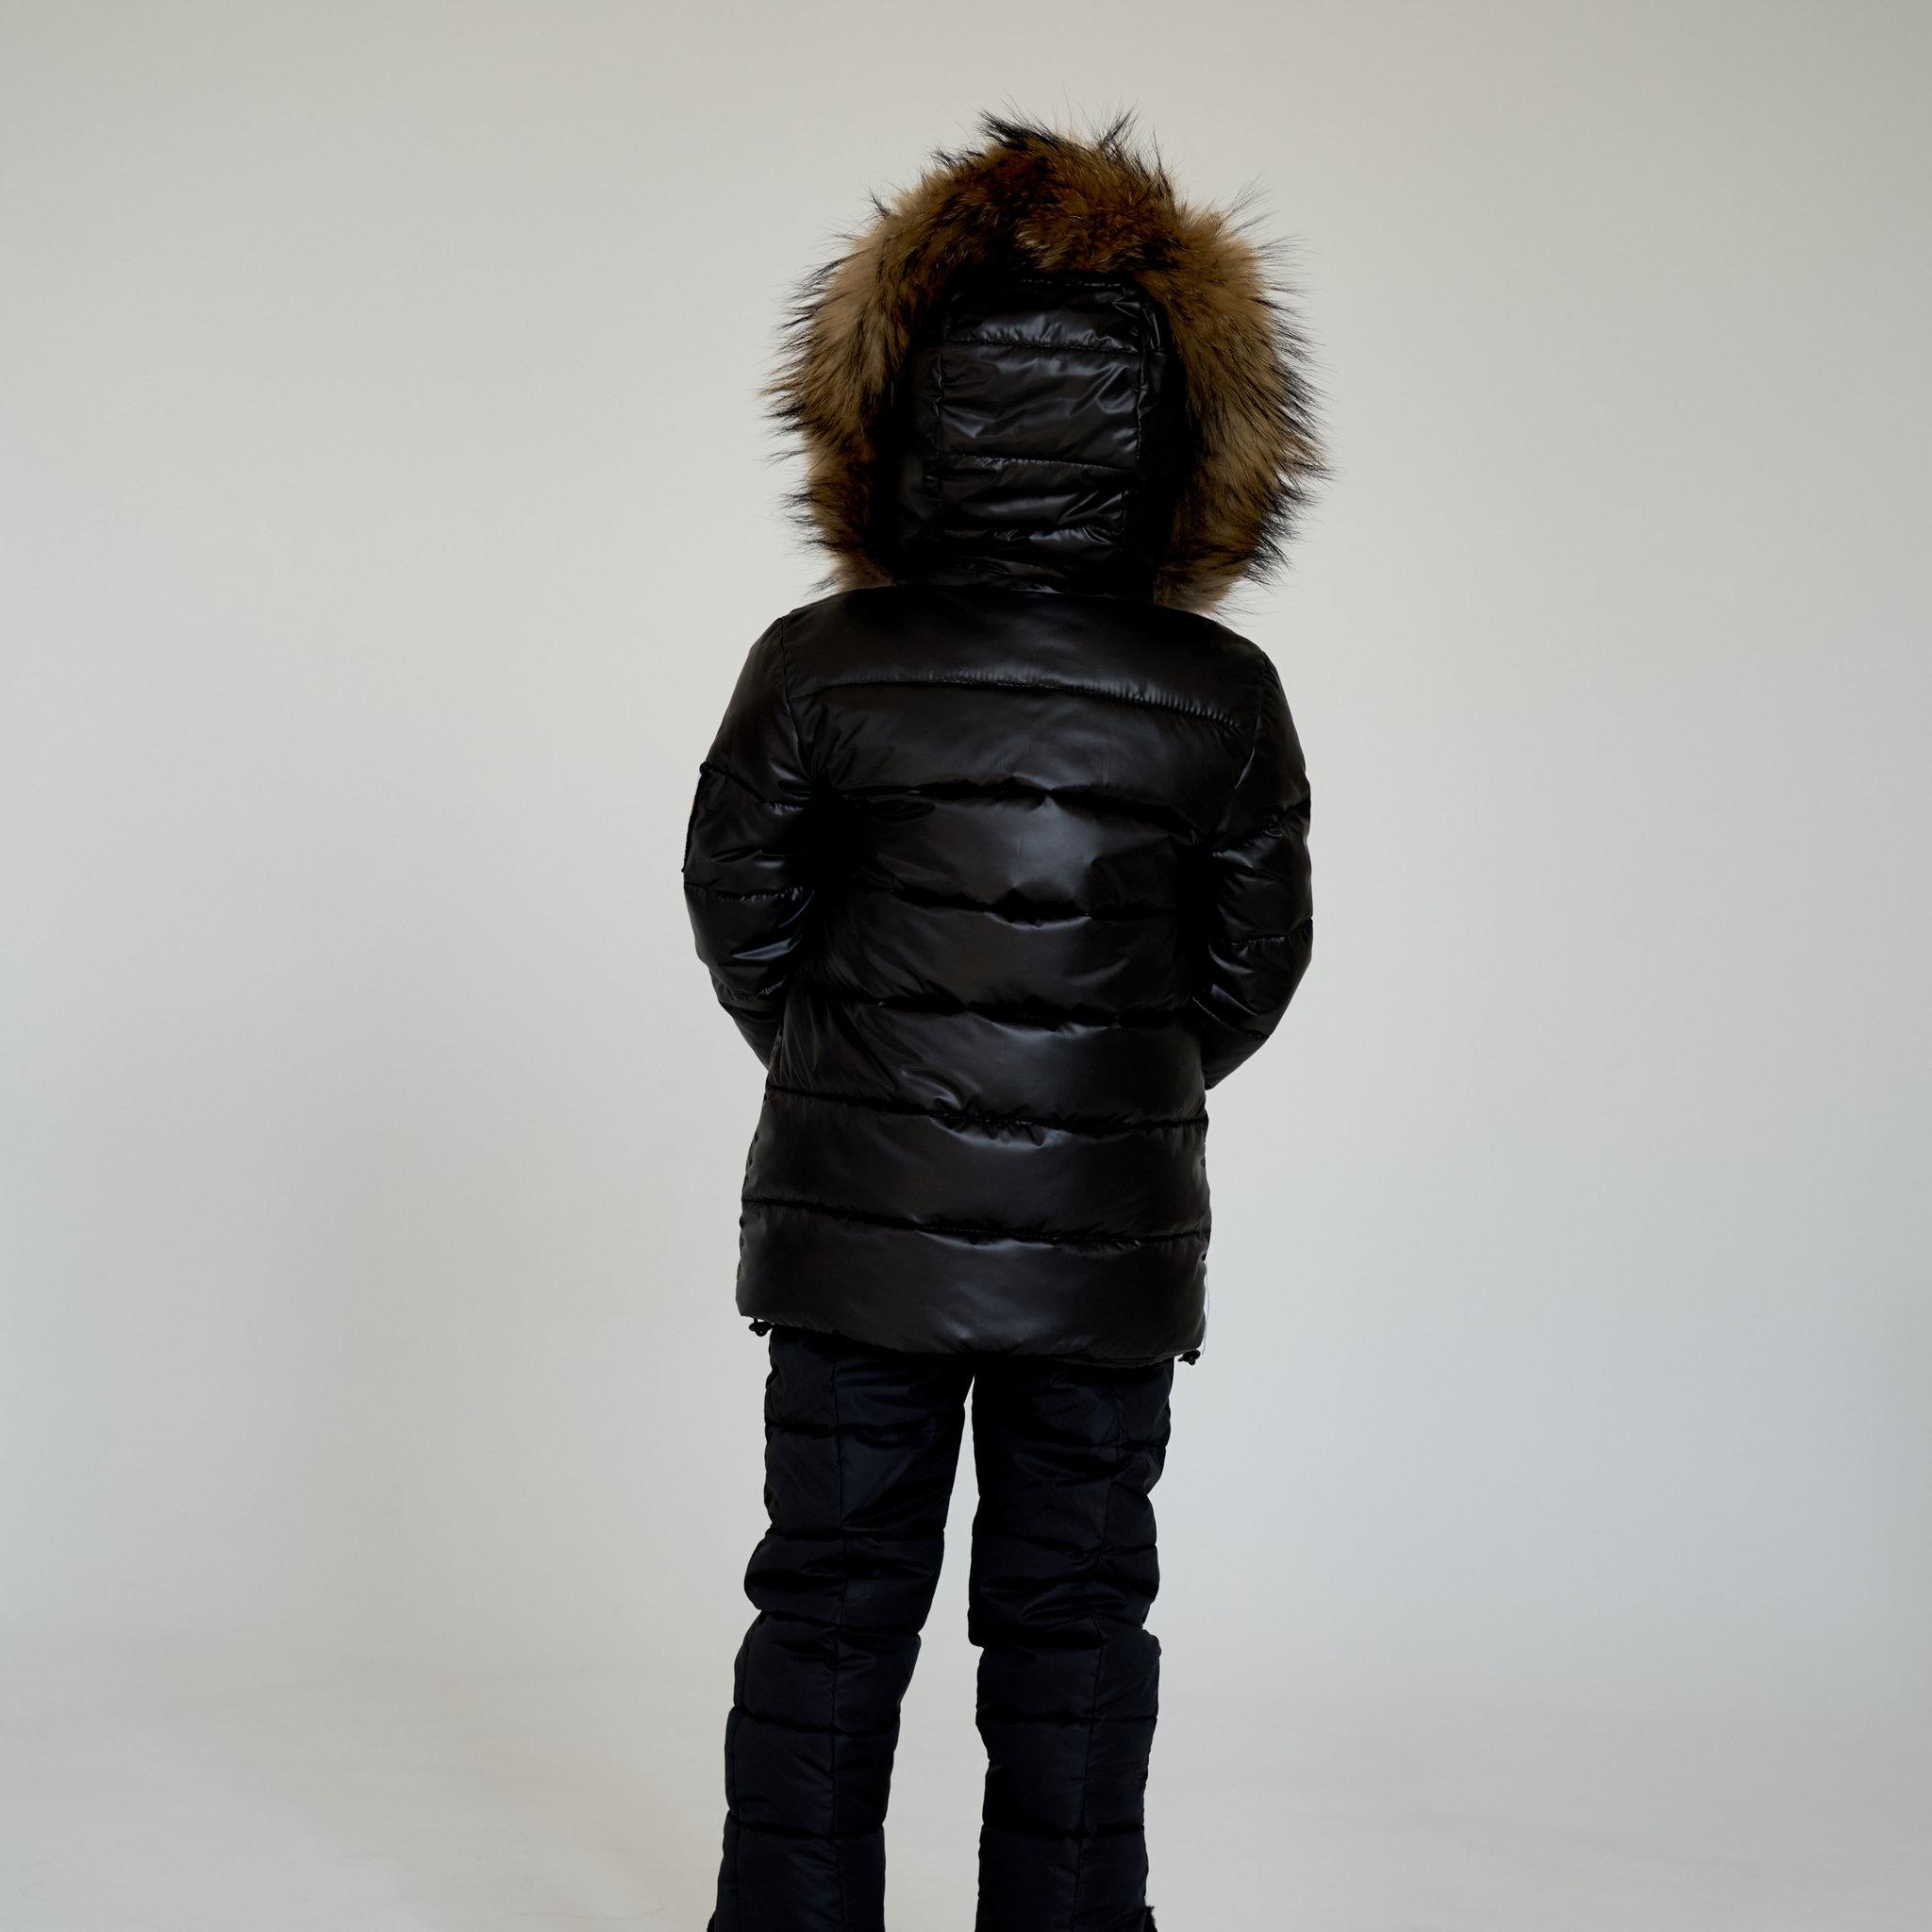 Детский зимний костюм с натуральной опушкой в черном цвете для мальчиков